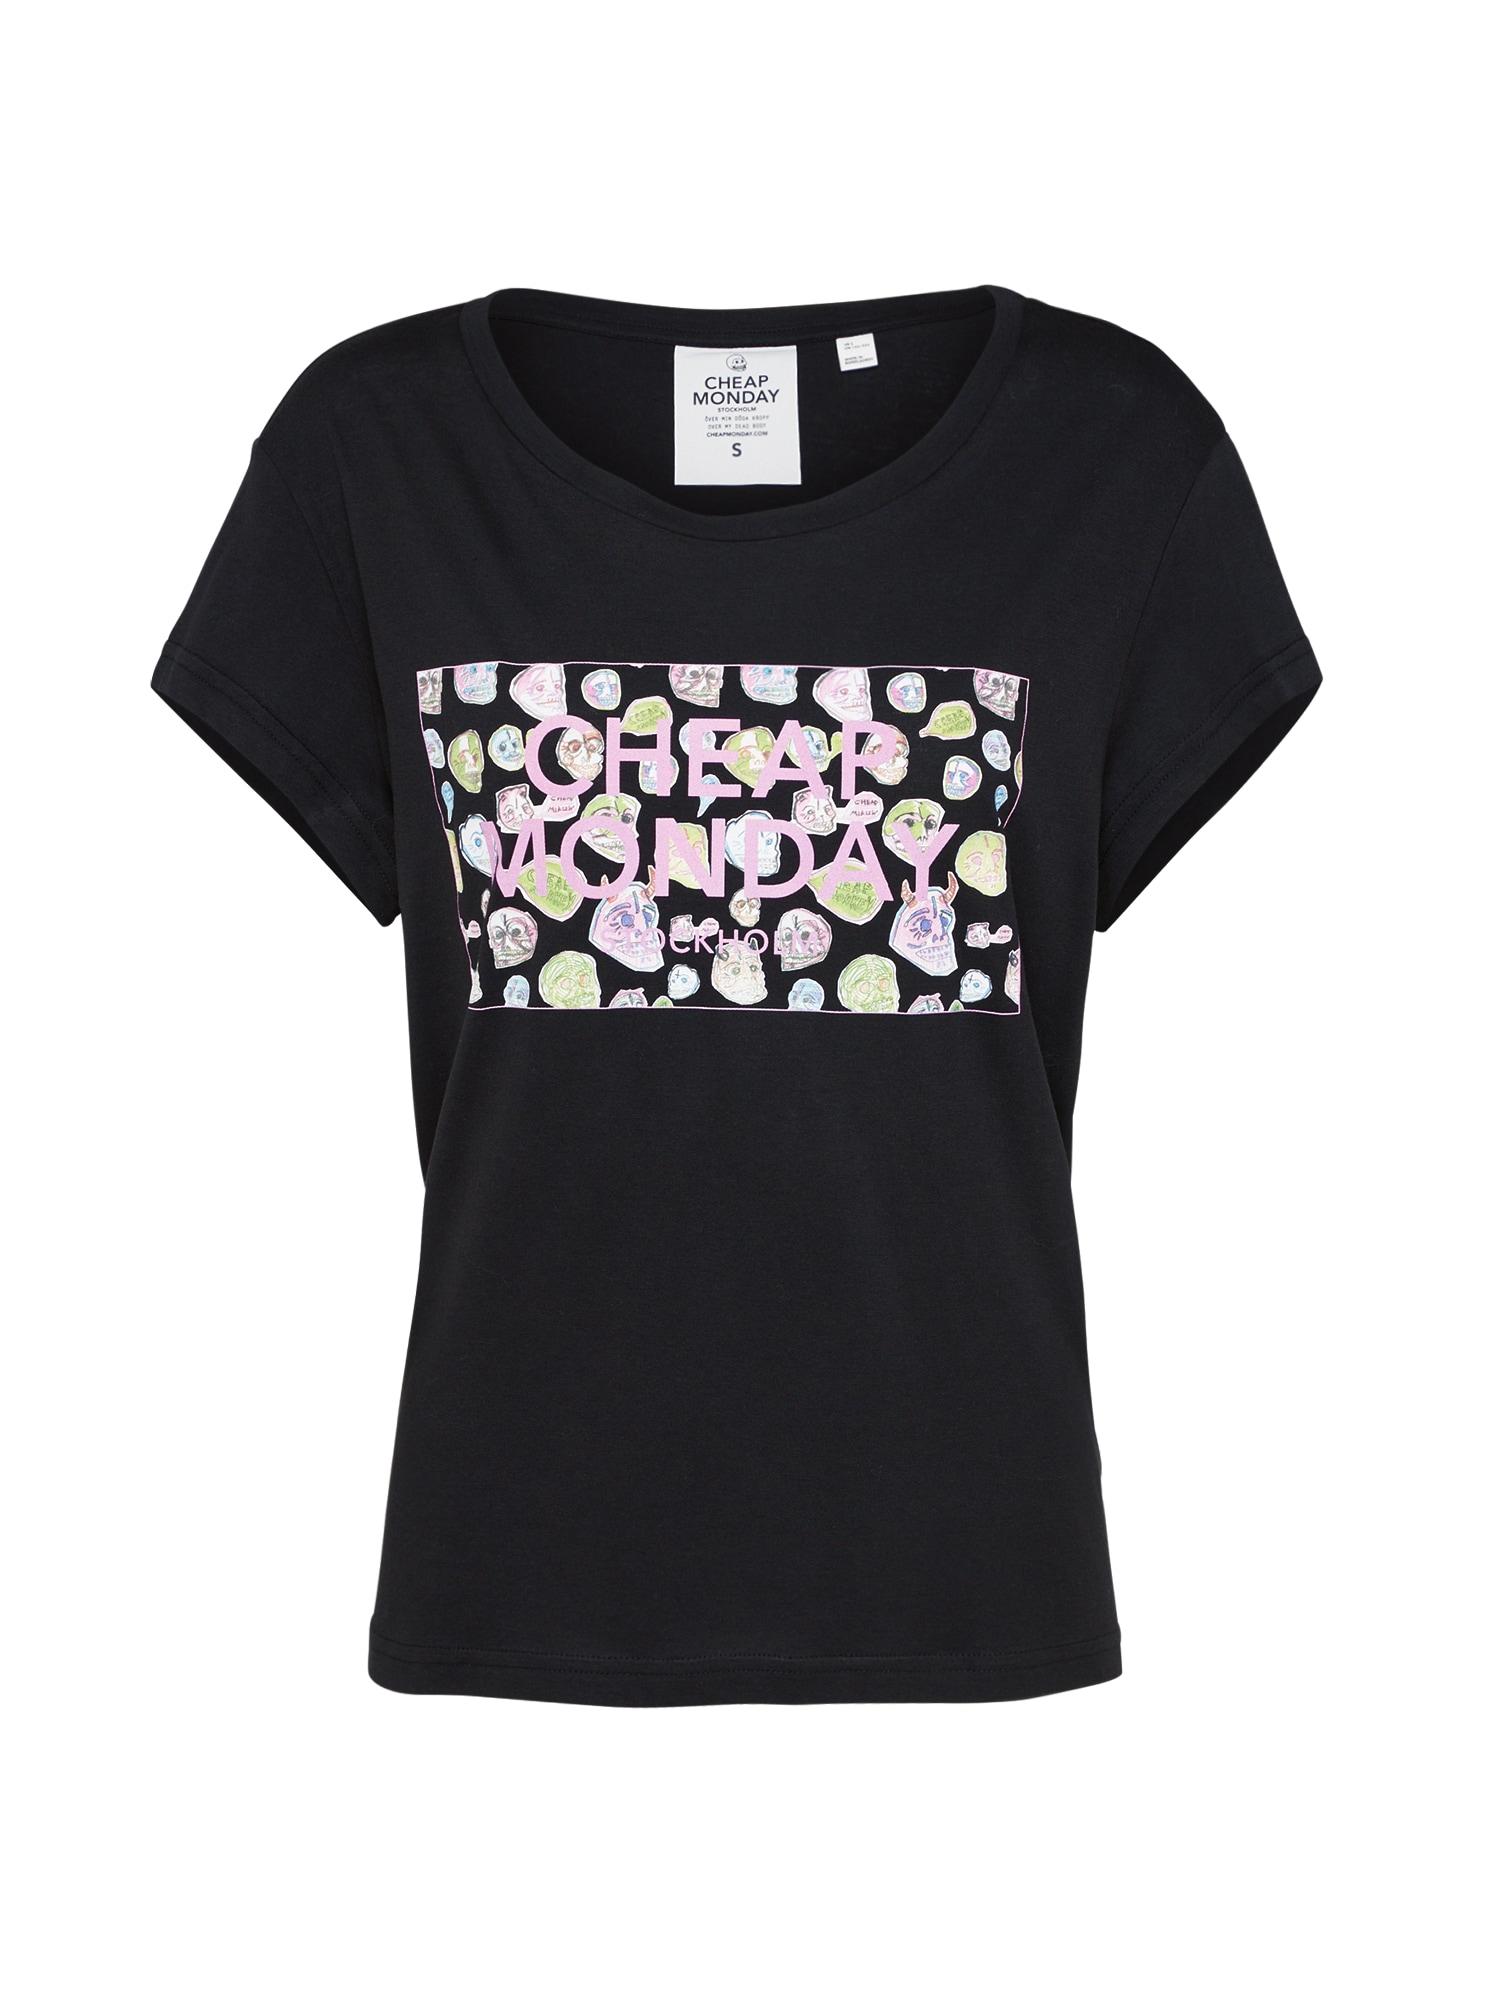 CHEAP MONDAY Dames Shirt Have tee Logo box gemengde kleuren zwart